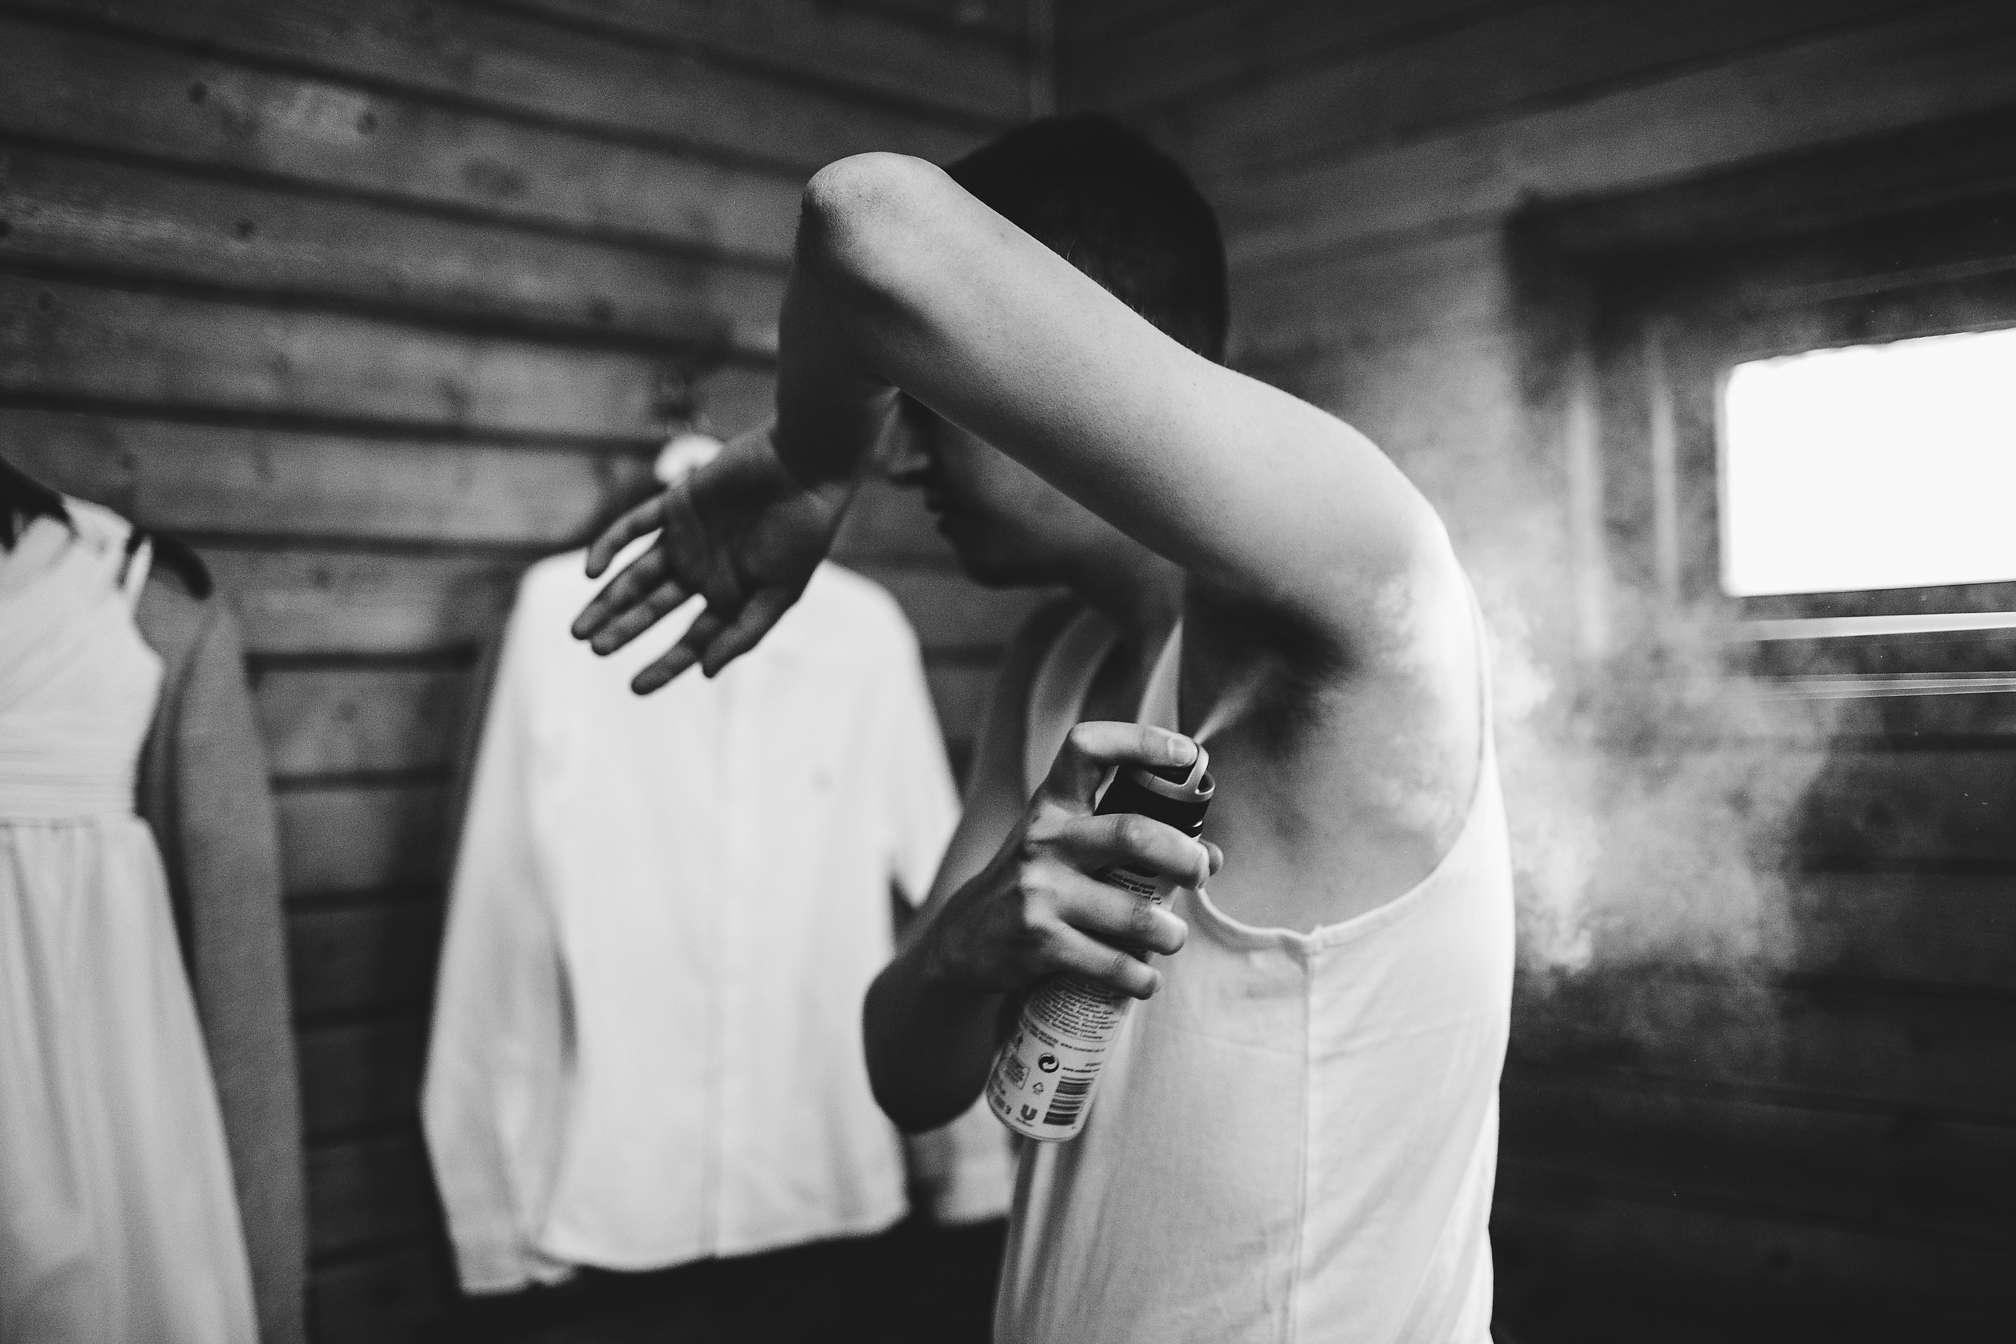 Under arm deodorant